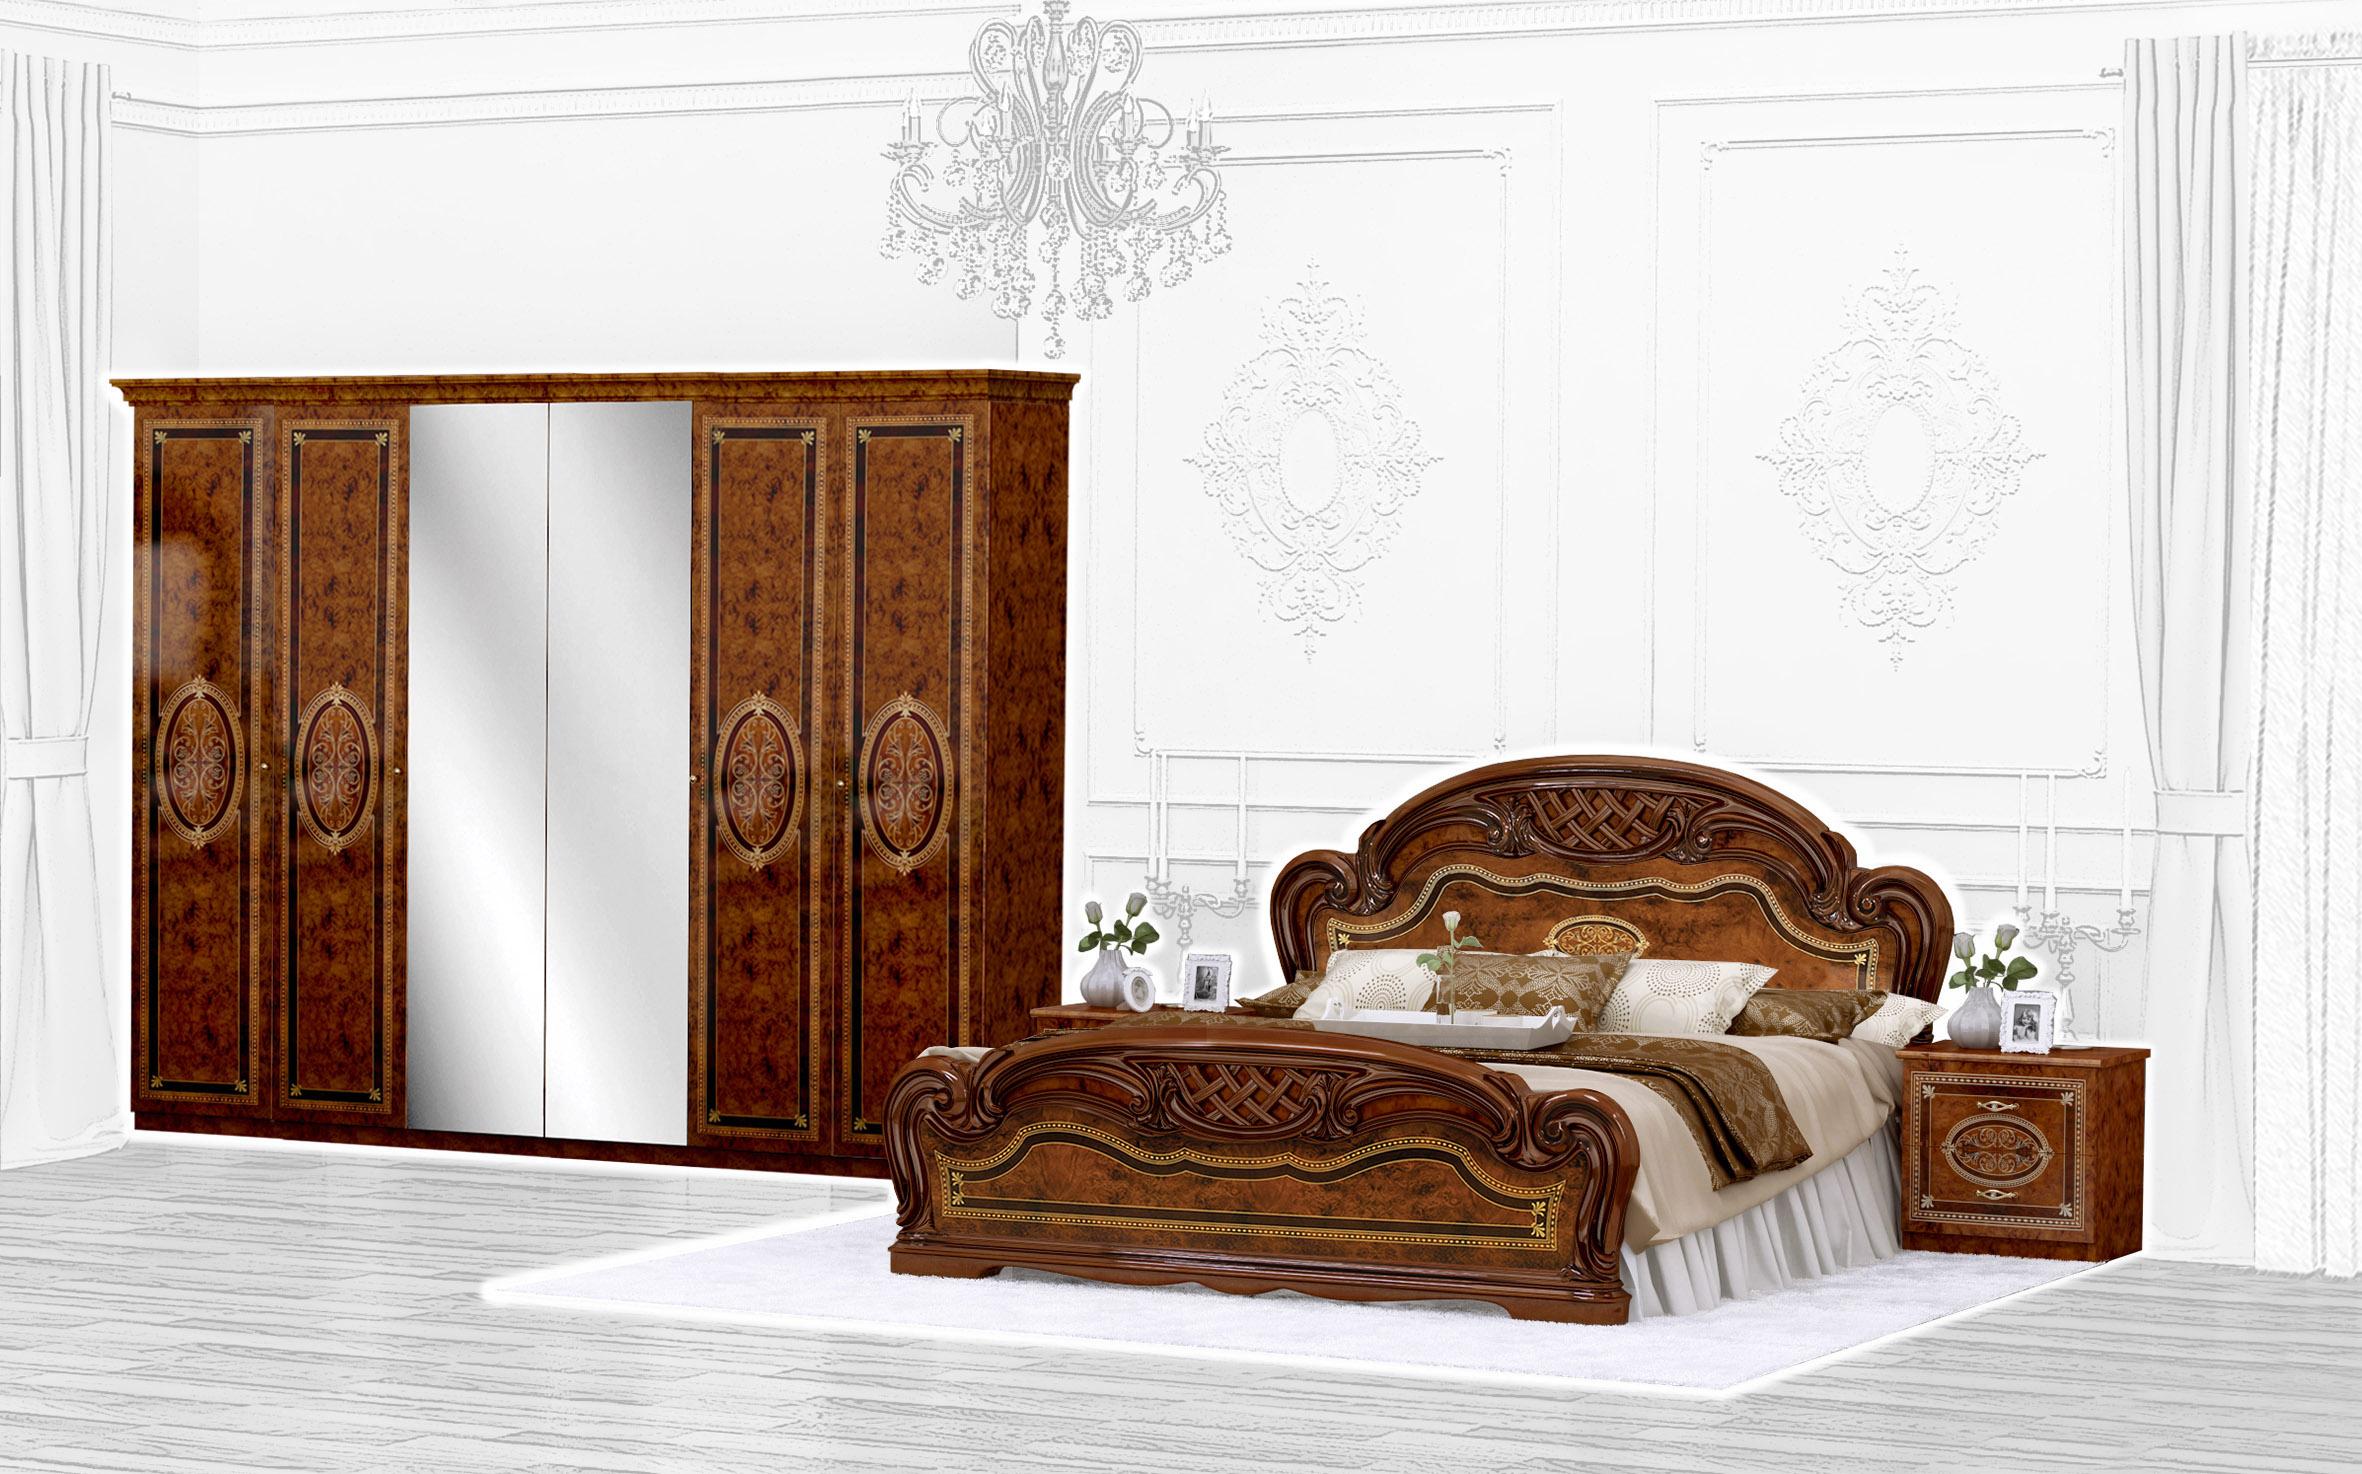 Barock Schlafzimmer Set Lara 1 in Walnuss 4-Teilig